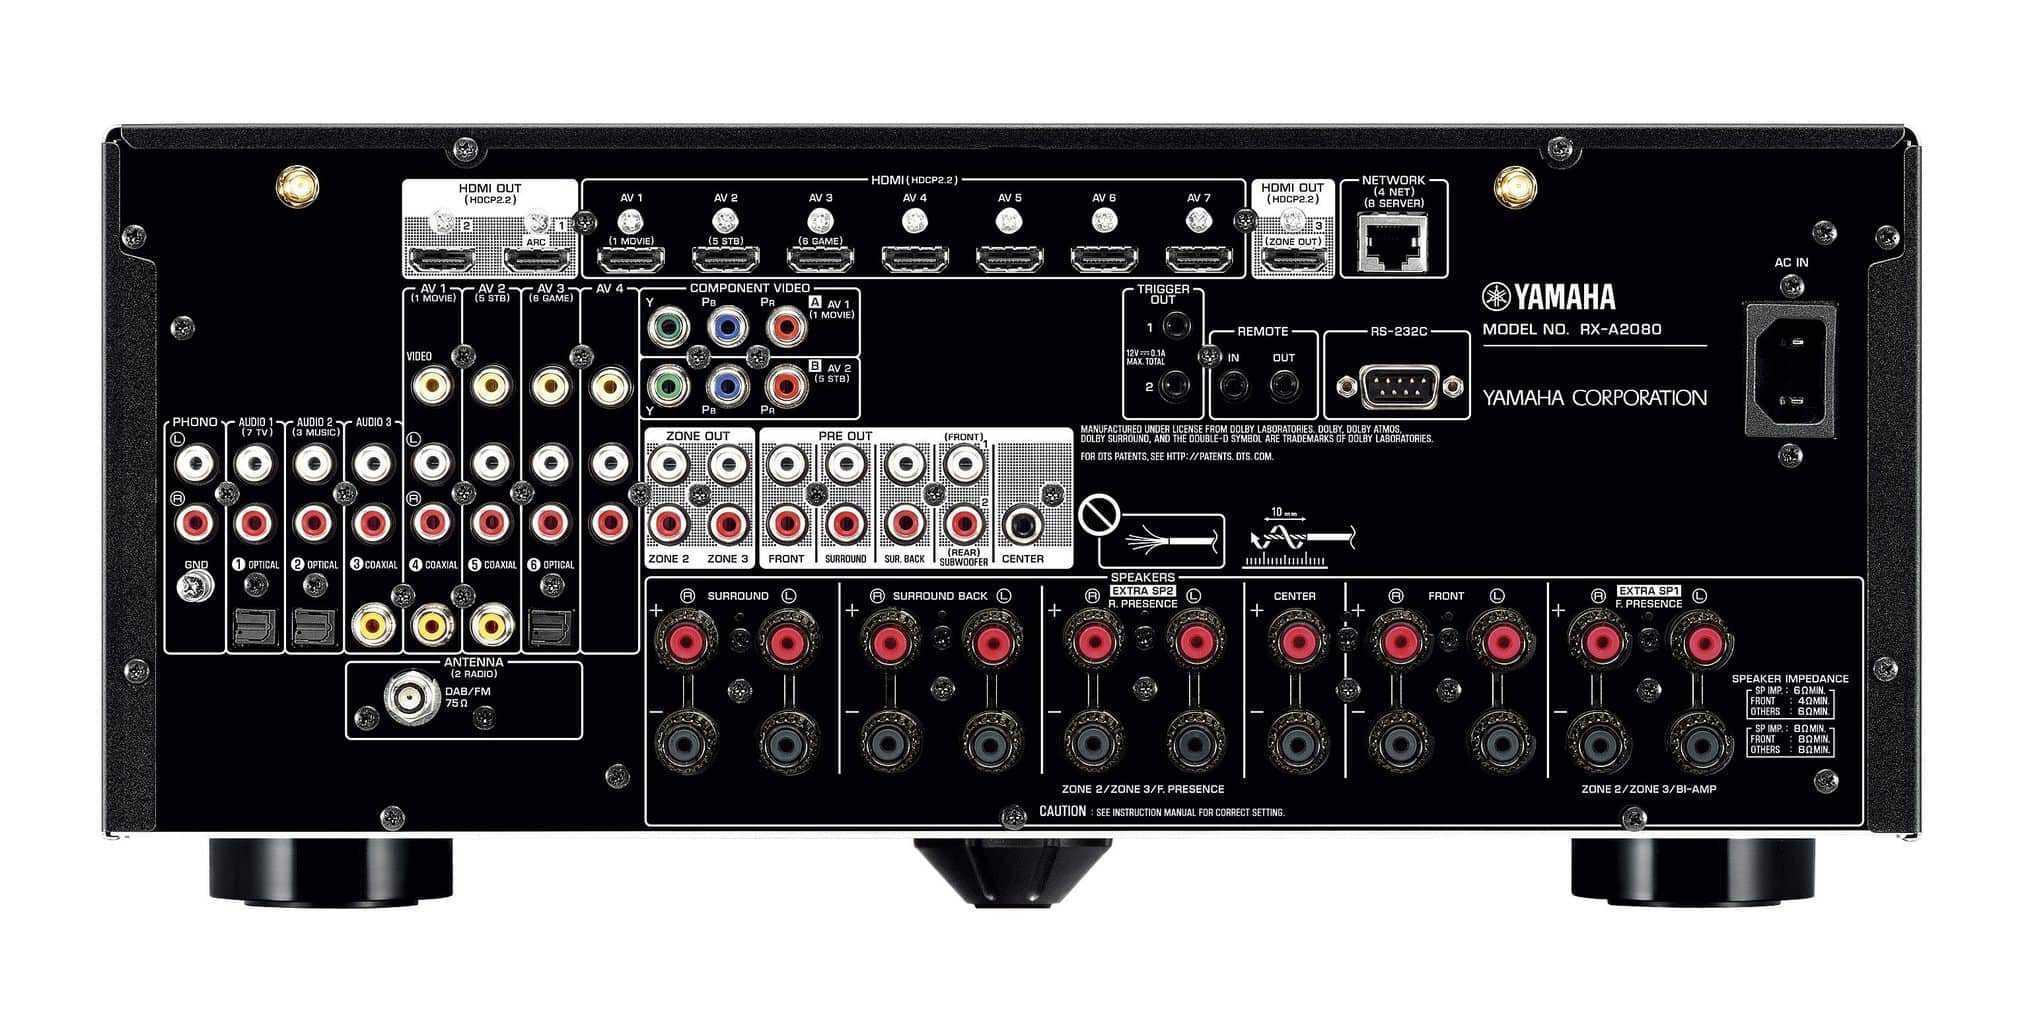 Yamaha Rx V Specs